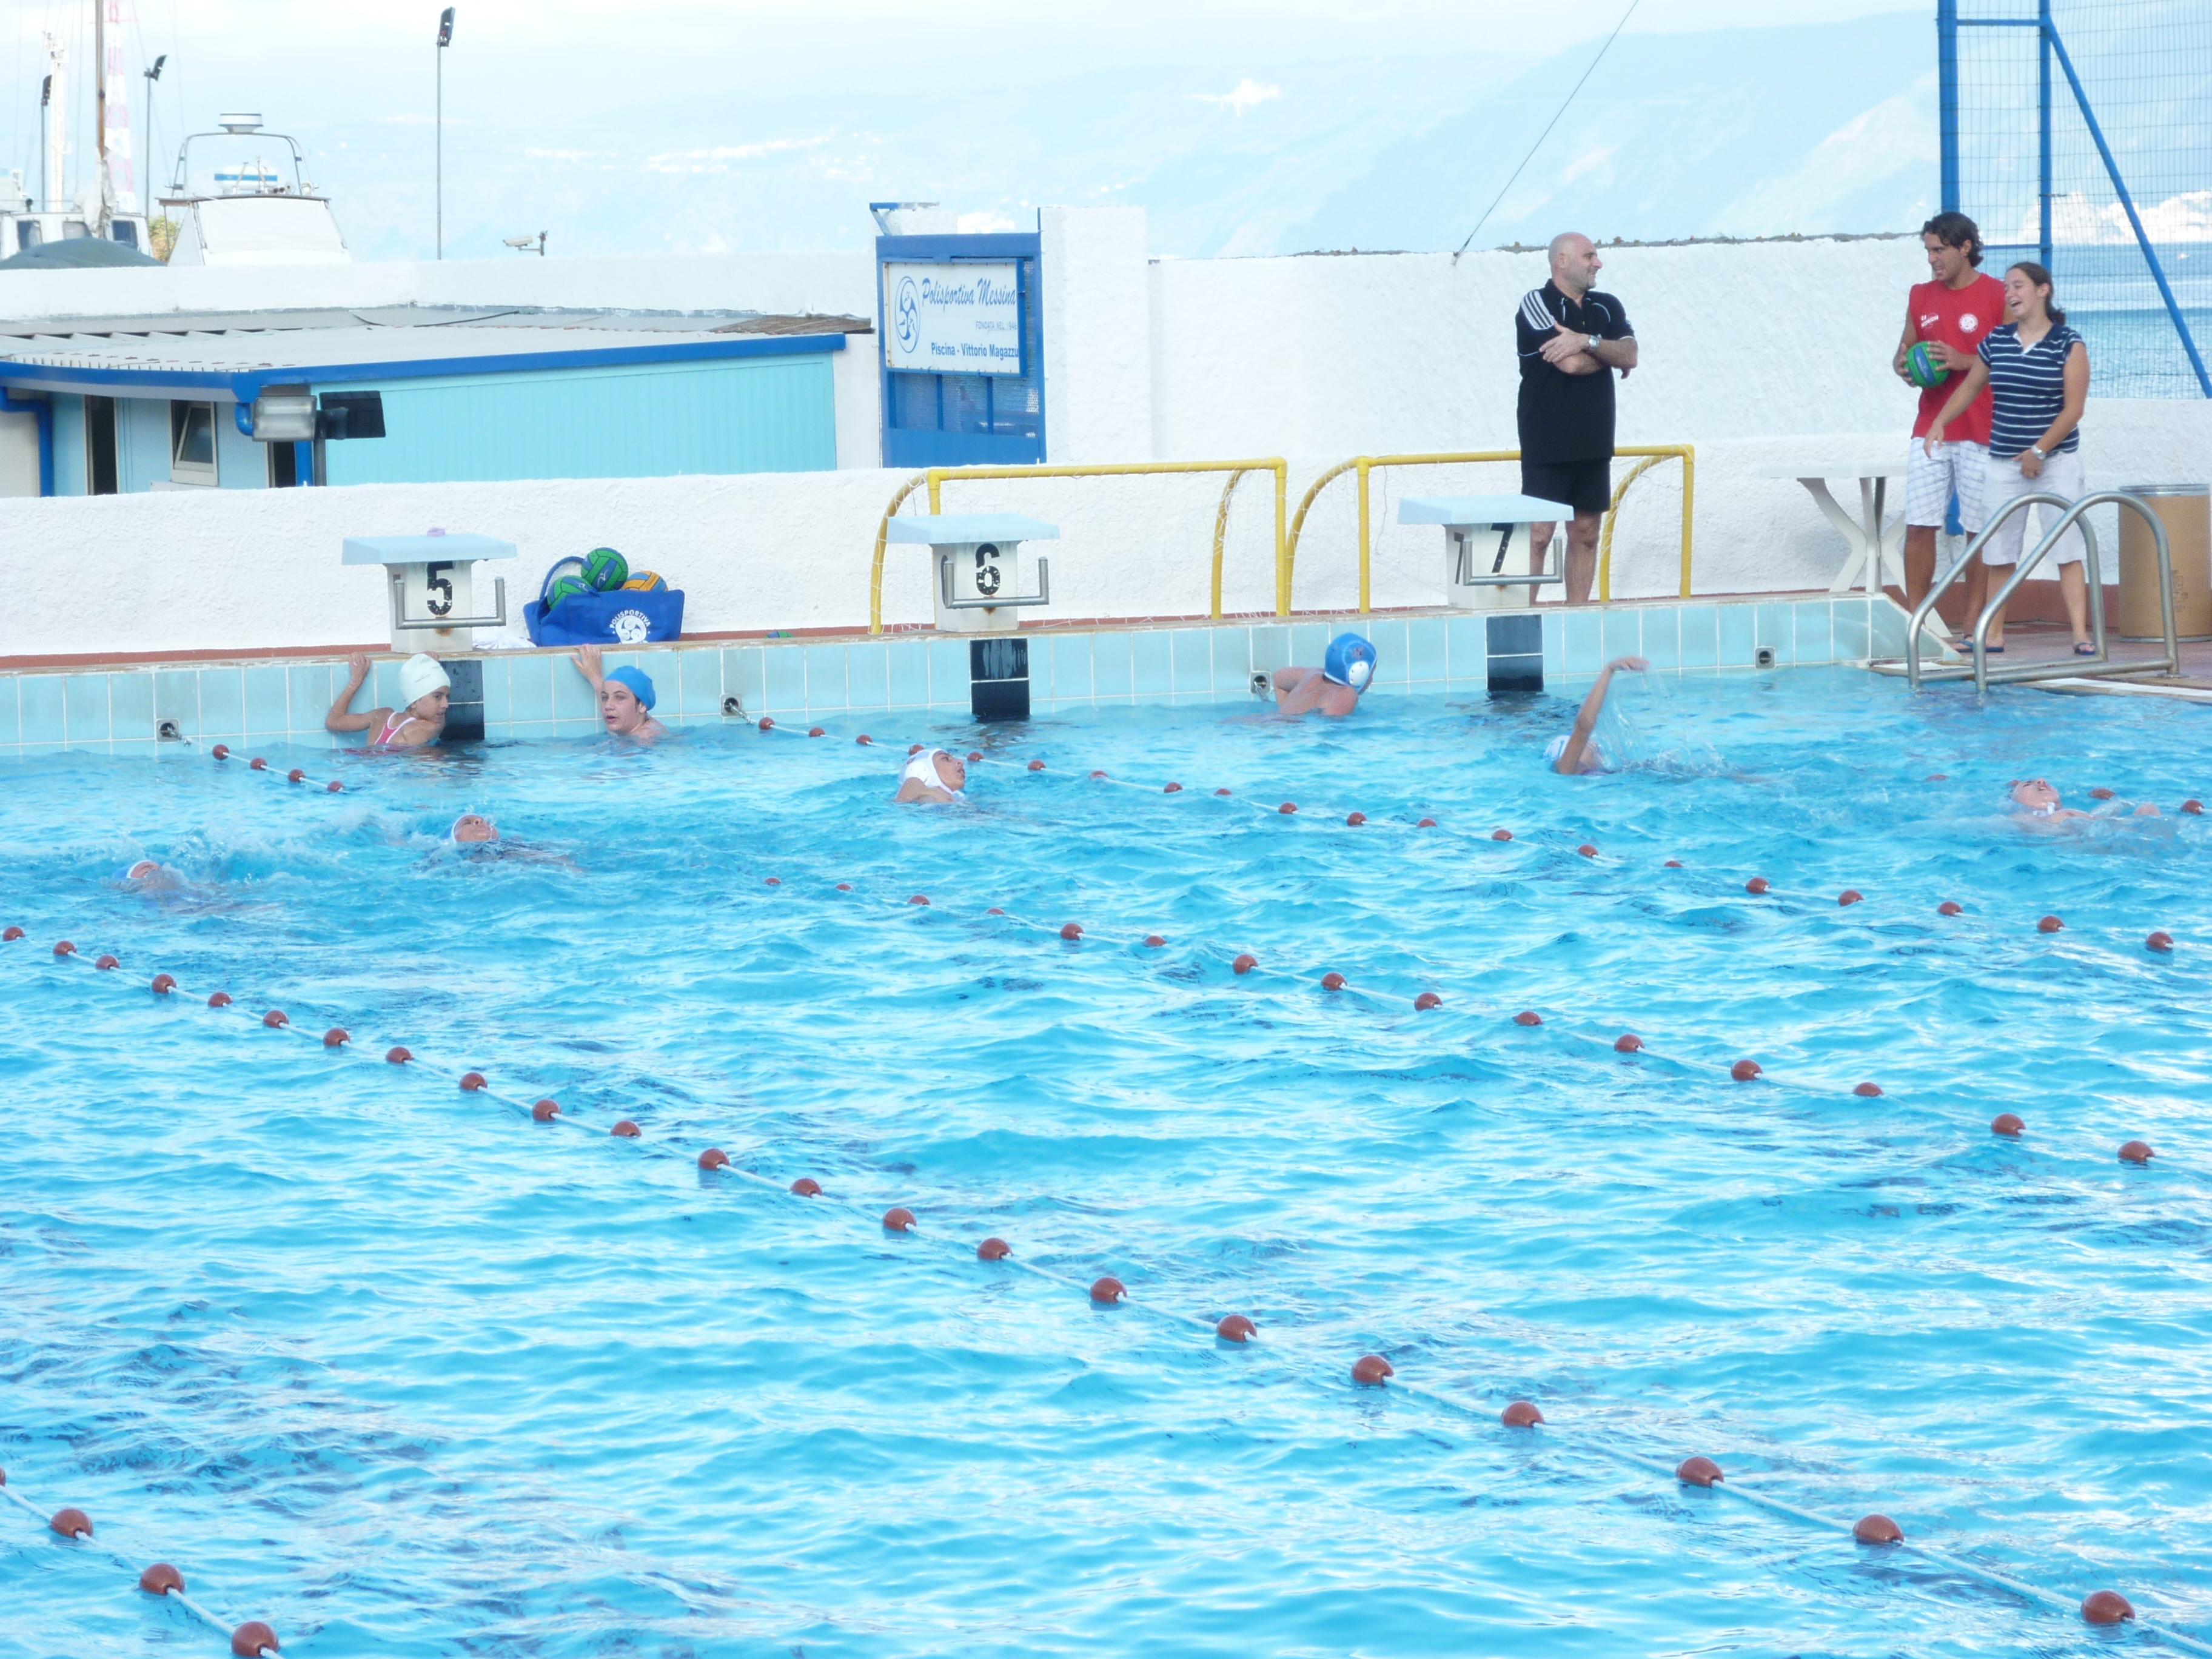 Una piscina attrezzata a pochi metri dalle acque dello stretto - Piscina gonfiabile 2 metri ...